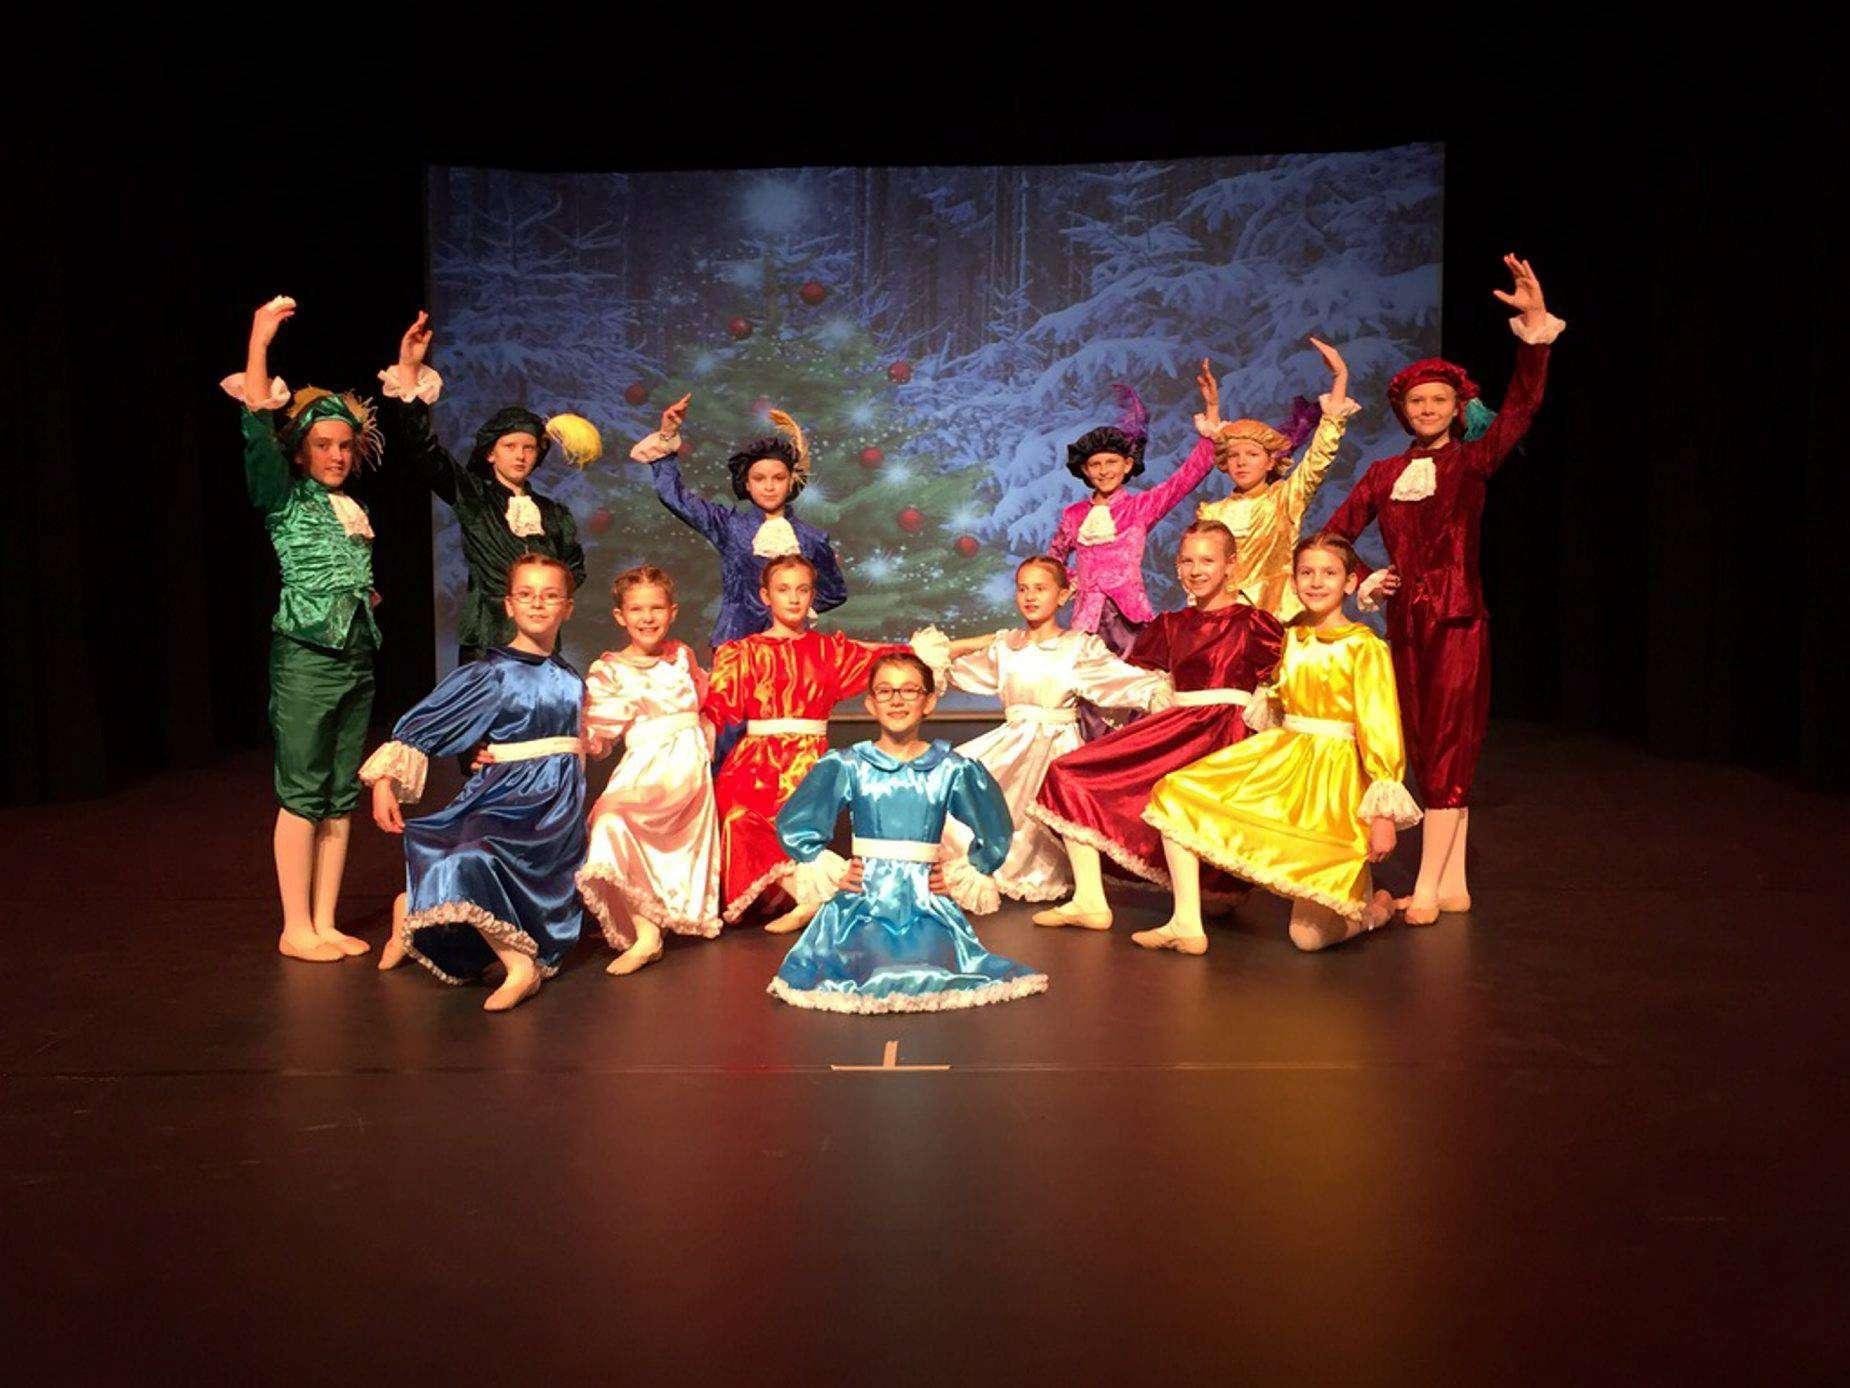 Die jungen Tänzer zeigten während der Wintertanz-Gala ein abwechslungsreiches Programm.